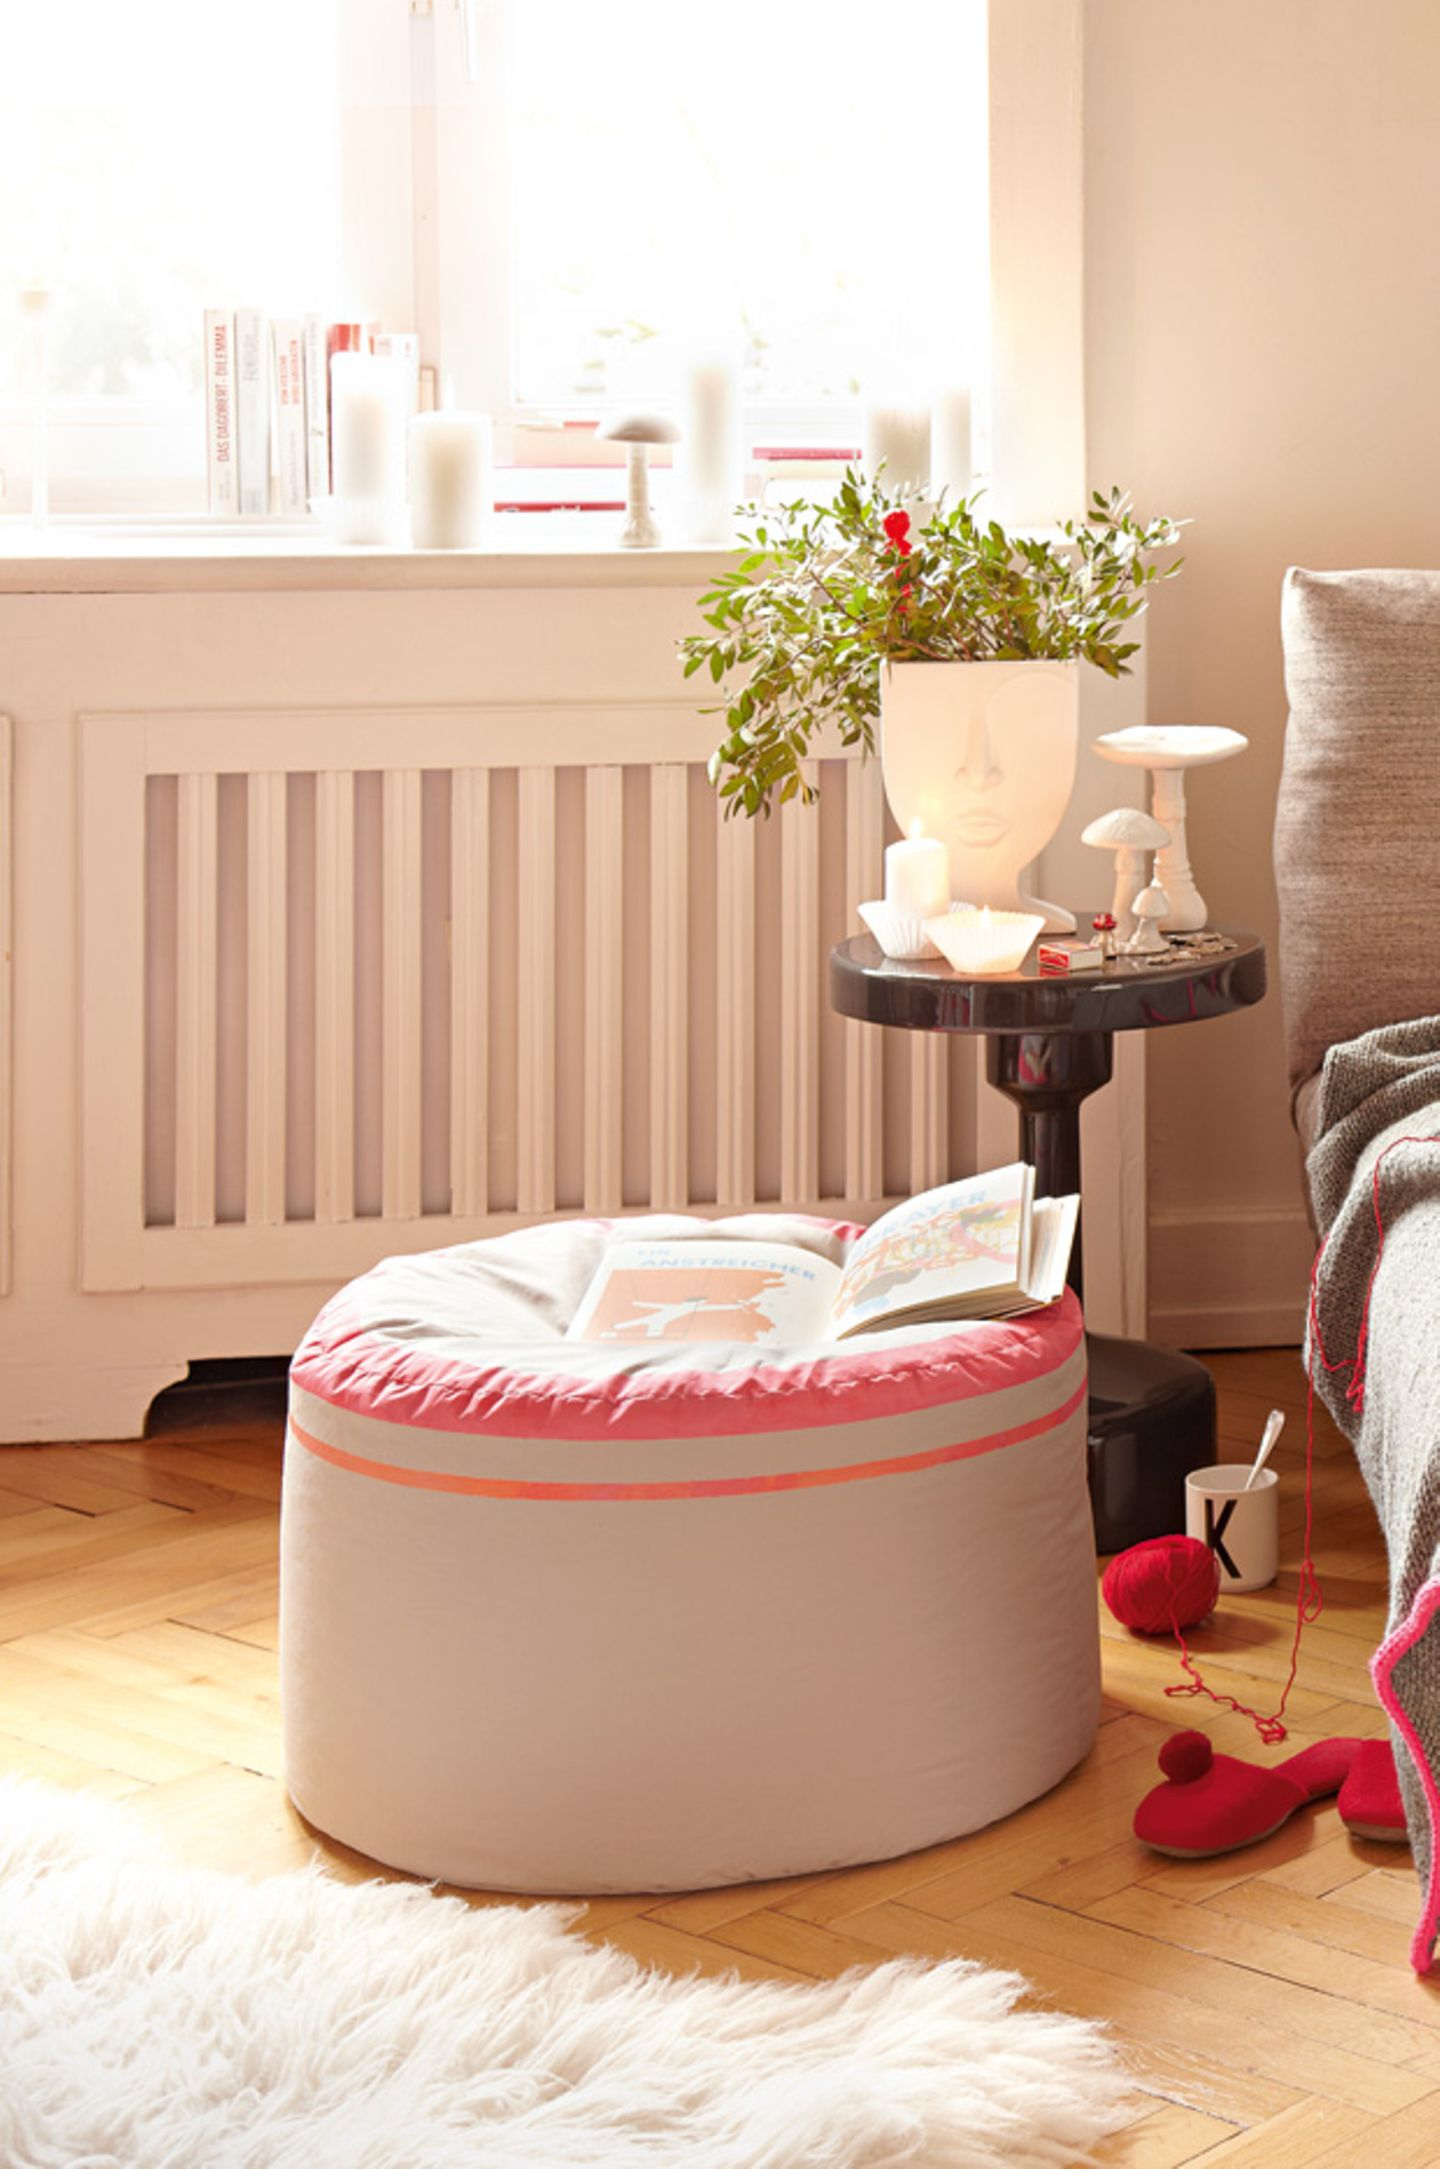 Rosa Sitzsack  Material:2 Quadrate (je 62 x 62 cm) und 2 Rechtecke (je 98 x 39 cm) aus festem grauem Baumwollstoff (z. B. über www.frautulpe.de), Malertape, Pinsel (Baumarkt), neonfarbene Stoffmalfarbe (z. B. Javana über www.ideeshop.de), Bügeleisen, 35 cm Reißverschluss, Stecknadeln, Schneiderkreide, Styroporkügelchen.  So wird's gemachtMit Hilfe eines Maßbandes 2 Stoffkreise mit 62 cm Ø ausschneiden.Das Malertape auf der rechten Stoffseite eines Kreises mit 5 cm Abstand vom Rand kleben. (Die Rundung vorher mit Schneiderkreide vorzeichnen und langsam kleben!) Ordentlich festdrücken.So auch mit je einer Längskante der beiden Stoffrechtecke verfahren.Unter die geraden Tapestreifen im Abstand von 1 bis 1,5 cm ein weiteres Tape aufkleben und alles gut andrücken.Die Stoffstücke auf einem abwaschbaren Untergrund eventuell mit Tape fixieren und die Streifen mit Stoffmalfarbe anmalen.Alles trocknen lassen, mit dem Bügeleisen fixieren.Reißverschluss zwischen die zwei rechteckigen Stoffstücke nähen (darauf achten, dass die Neonkanten oben liegen).Zweite Naht der Seitenteile schließen und mit dem Deckel (Neonrand) 2 cm verstürzen (rechts auf rechts), am besten vorher mit Stecknadeln zusammenstecken. Auch den Boden des Poufs mit 2 cm Nahtzugabe einnähenZum Schluss den Sack durch den geöffneten Reißverschluss auf rechts drehen. Mit den Styroporkügelchen füllen.EinenSitzpoufselber machen geht ganz einfach, oder? 😉